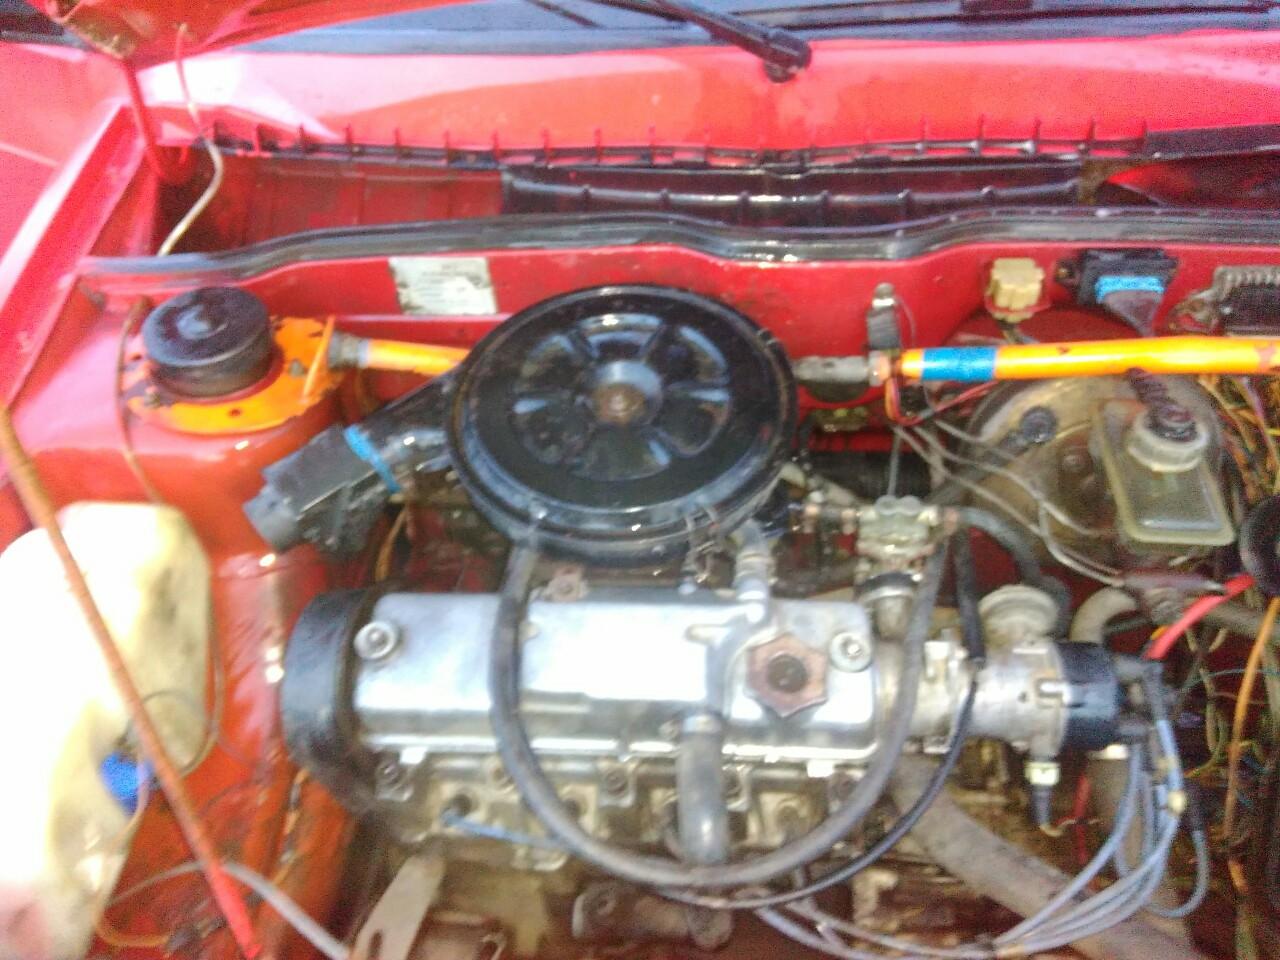 Продам ВАЗ-08, машина в хорошем состоянии, варить и красить не надо ,стоит сигнализация,цена 60000 рублей тел 0997333186 Андрей Антрацит